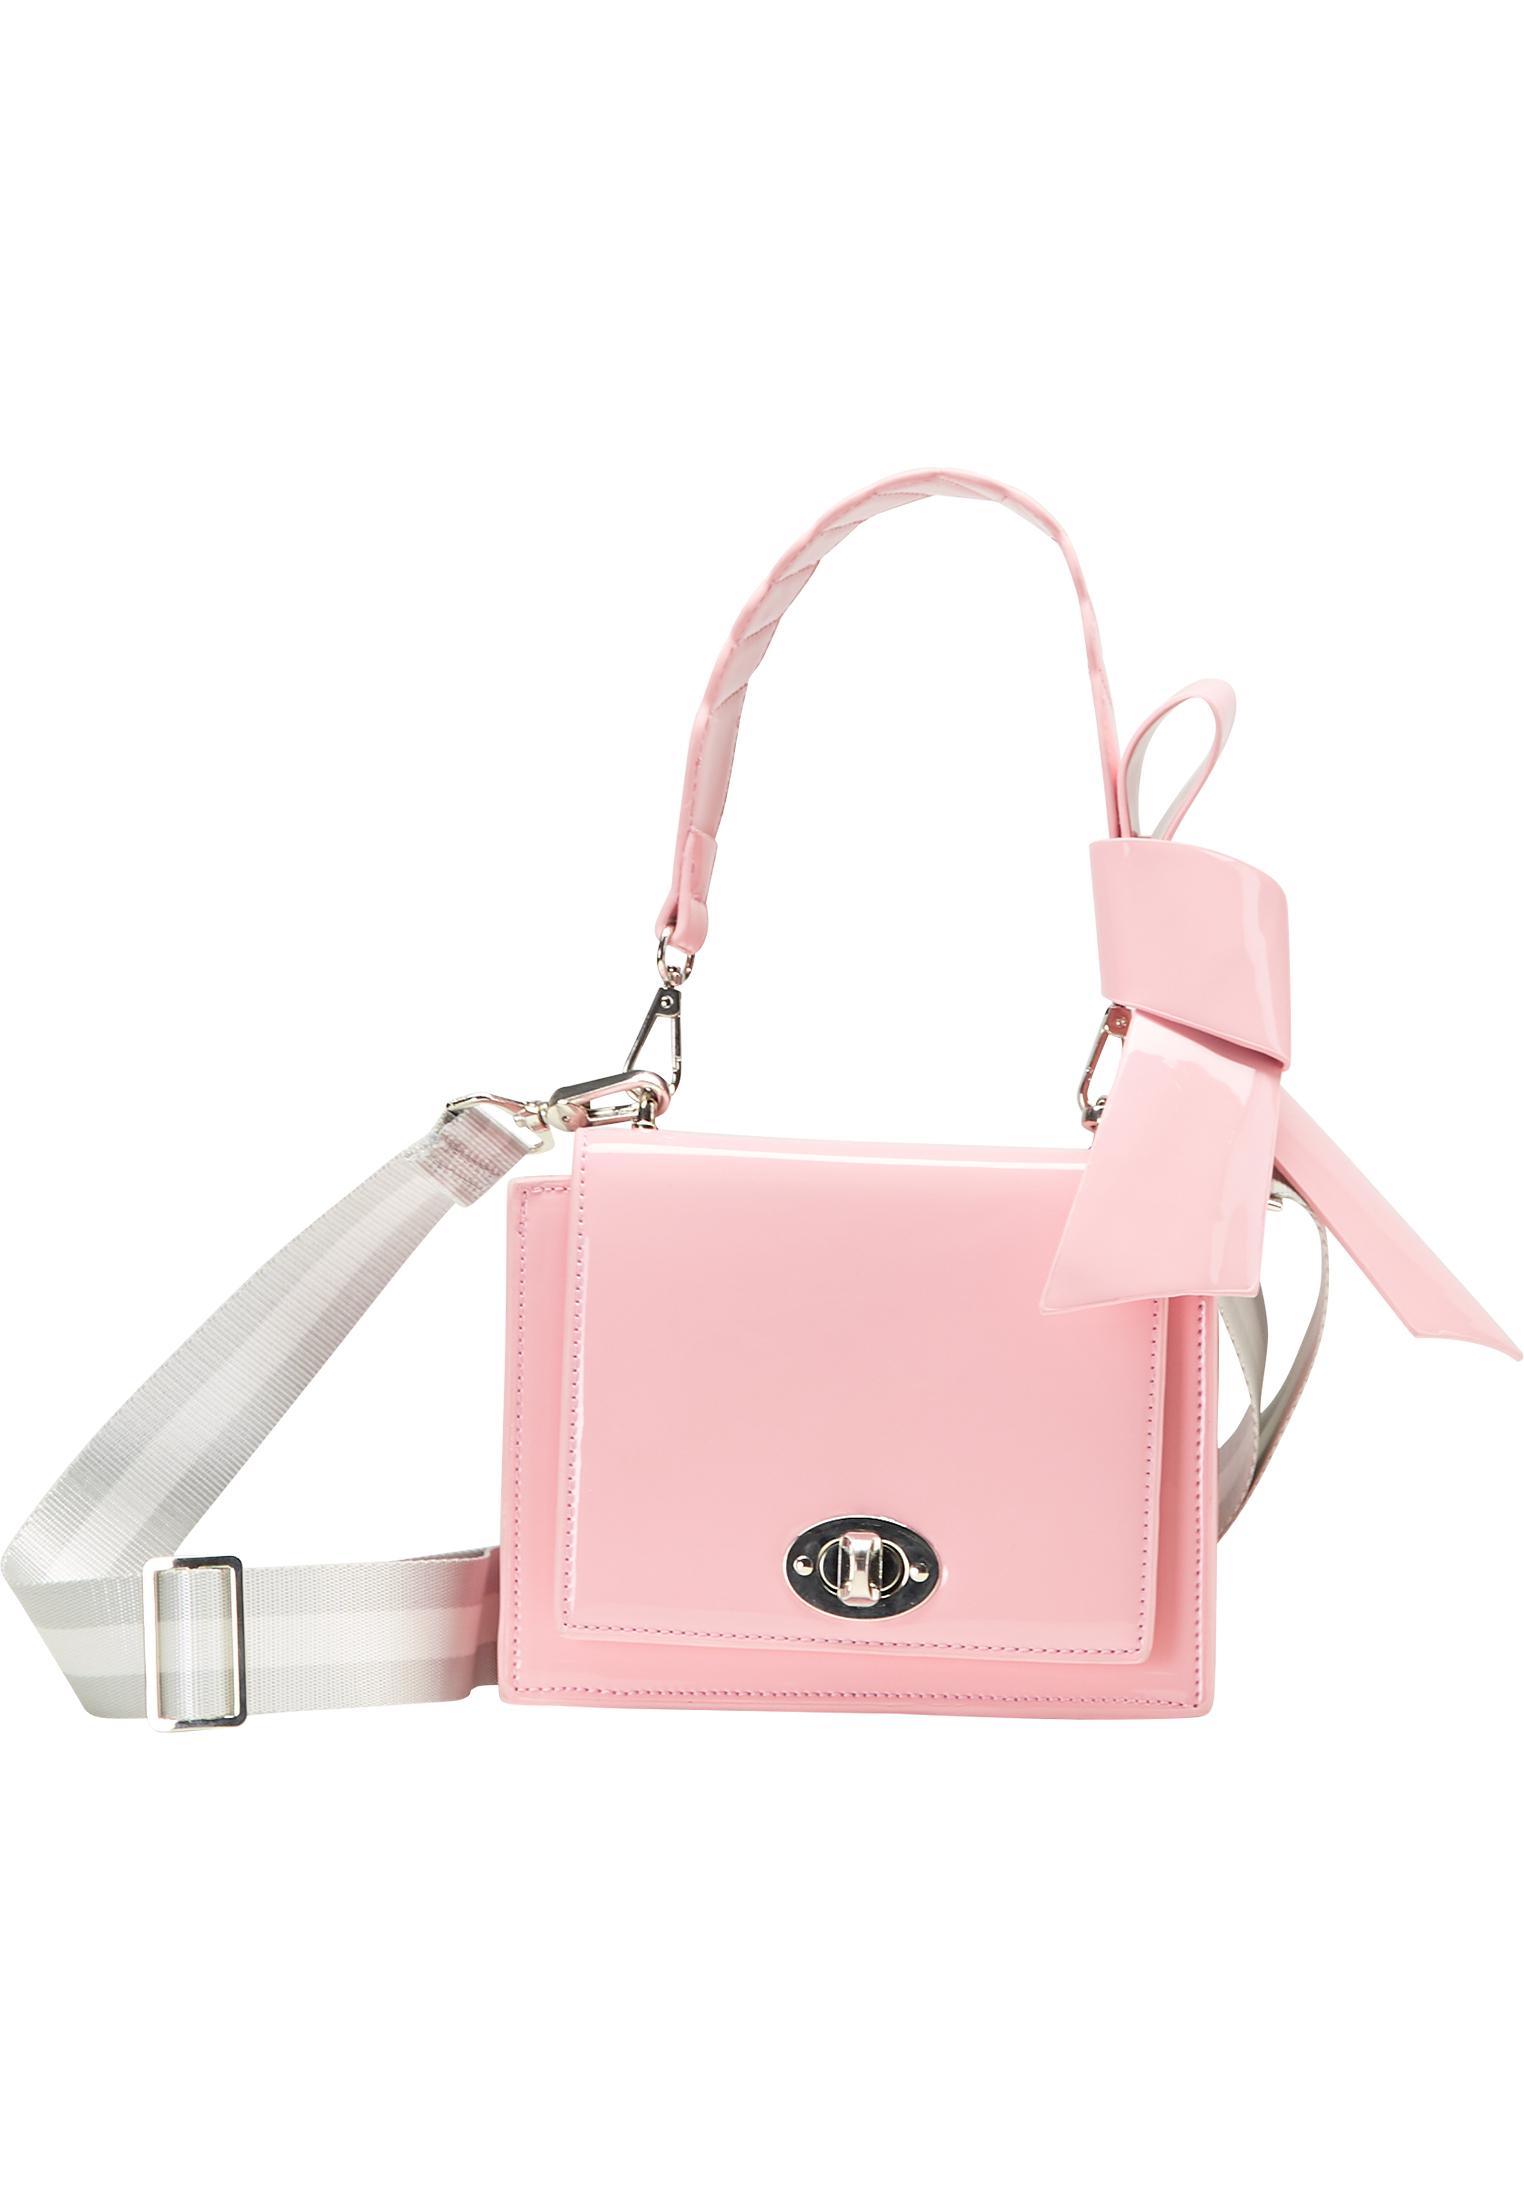 MyMo Tasche in rosa günstig kaufen